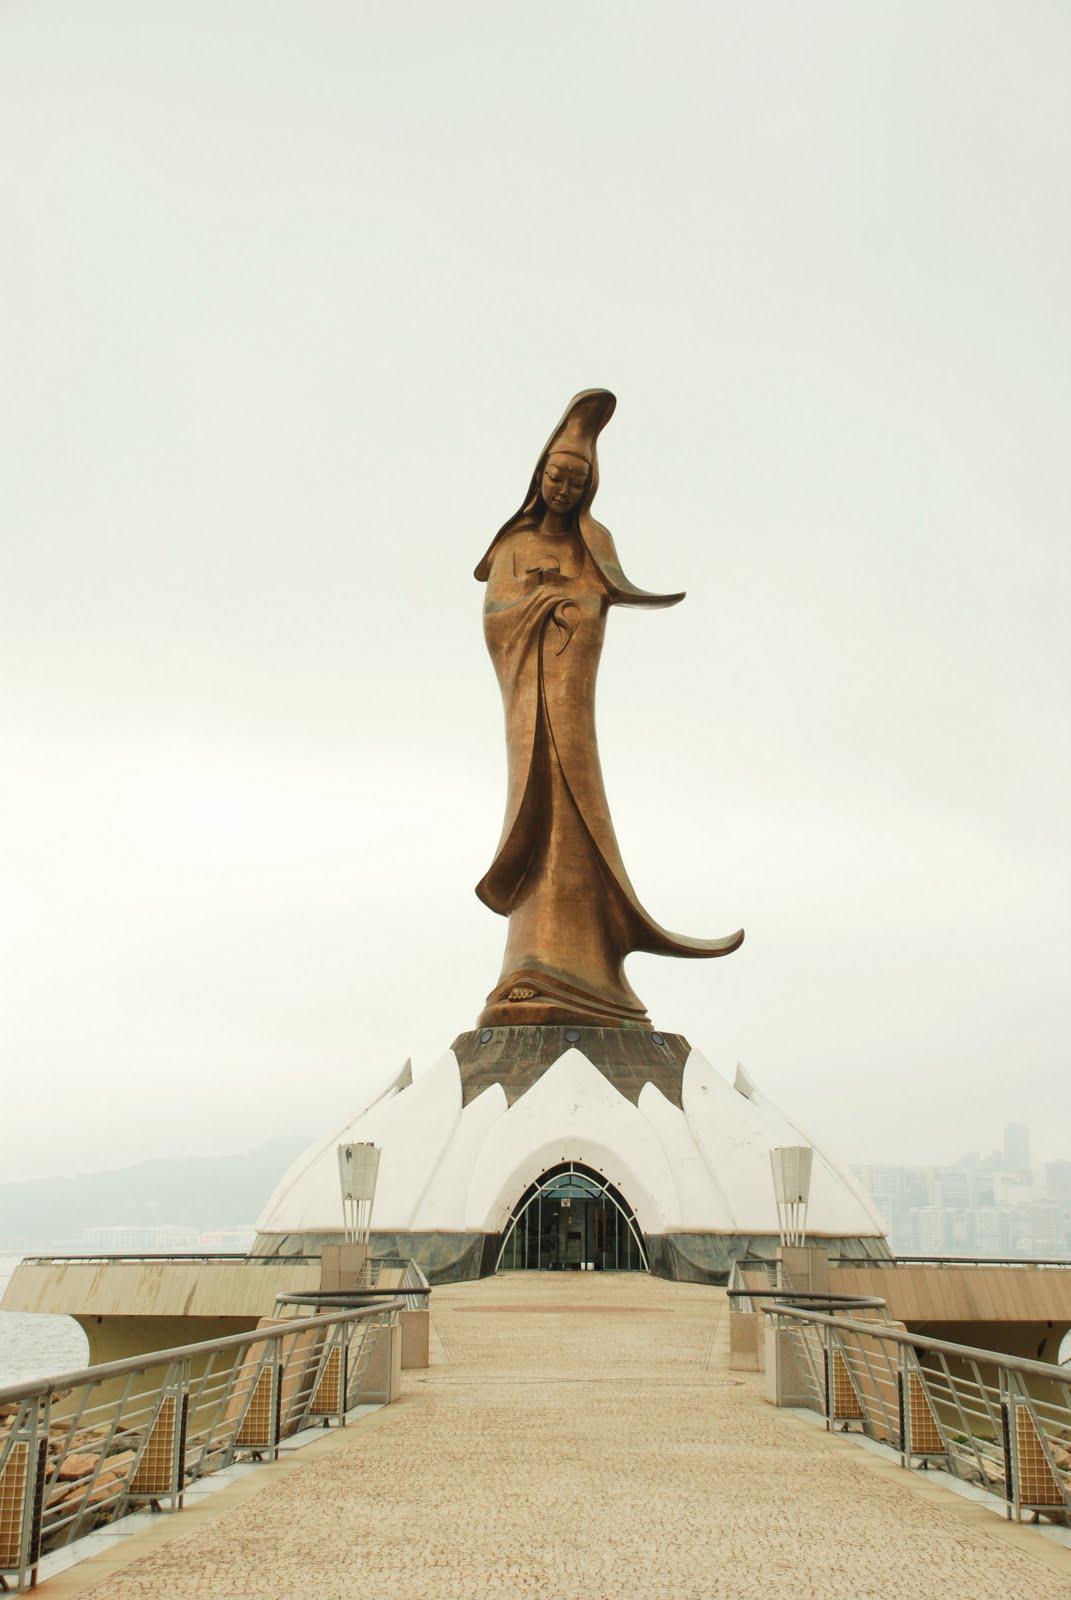 கருணைத் தெய்வம் குவான் யின்